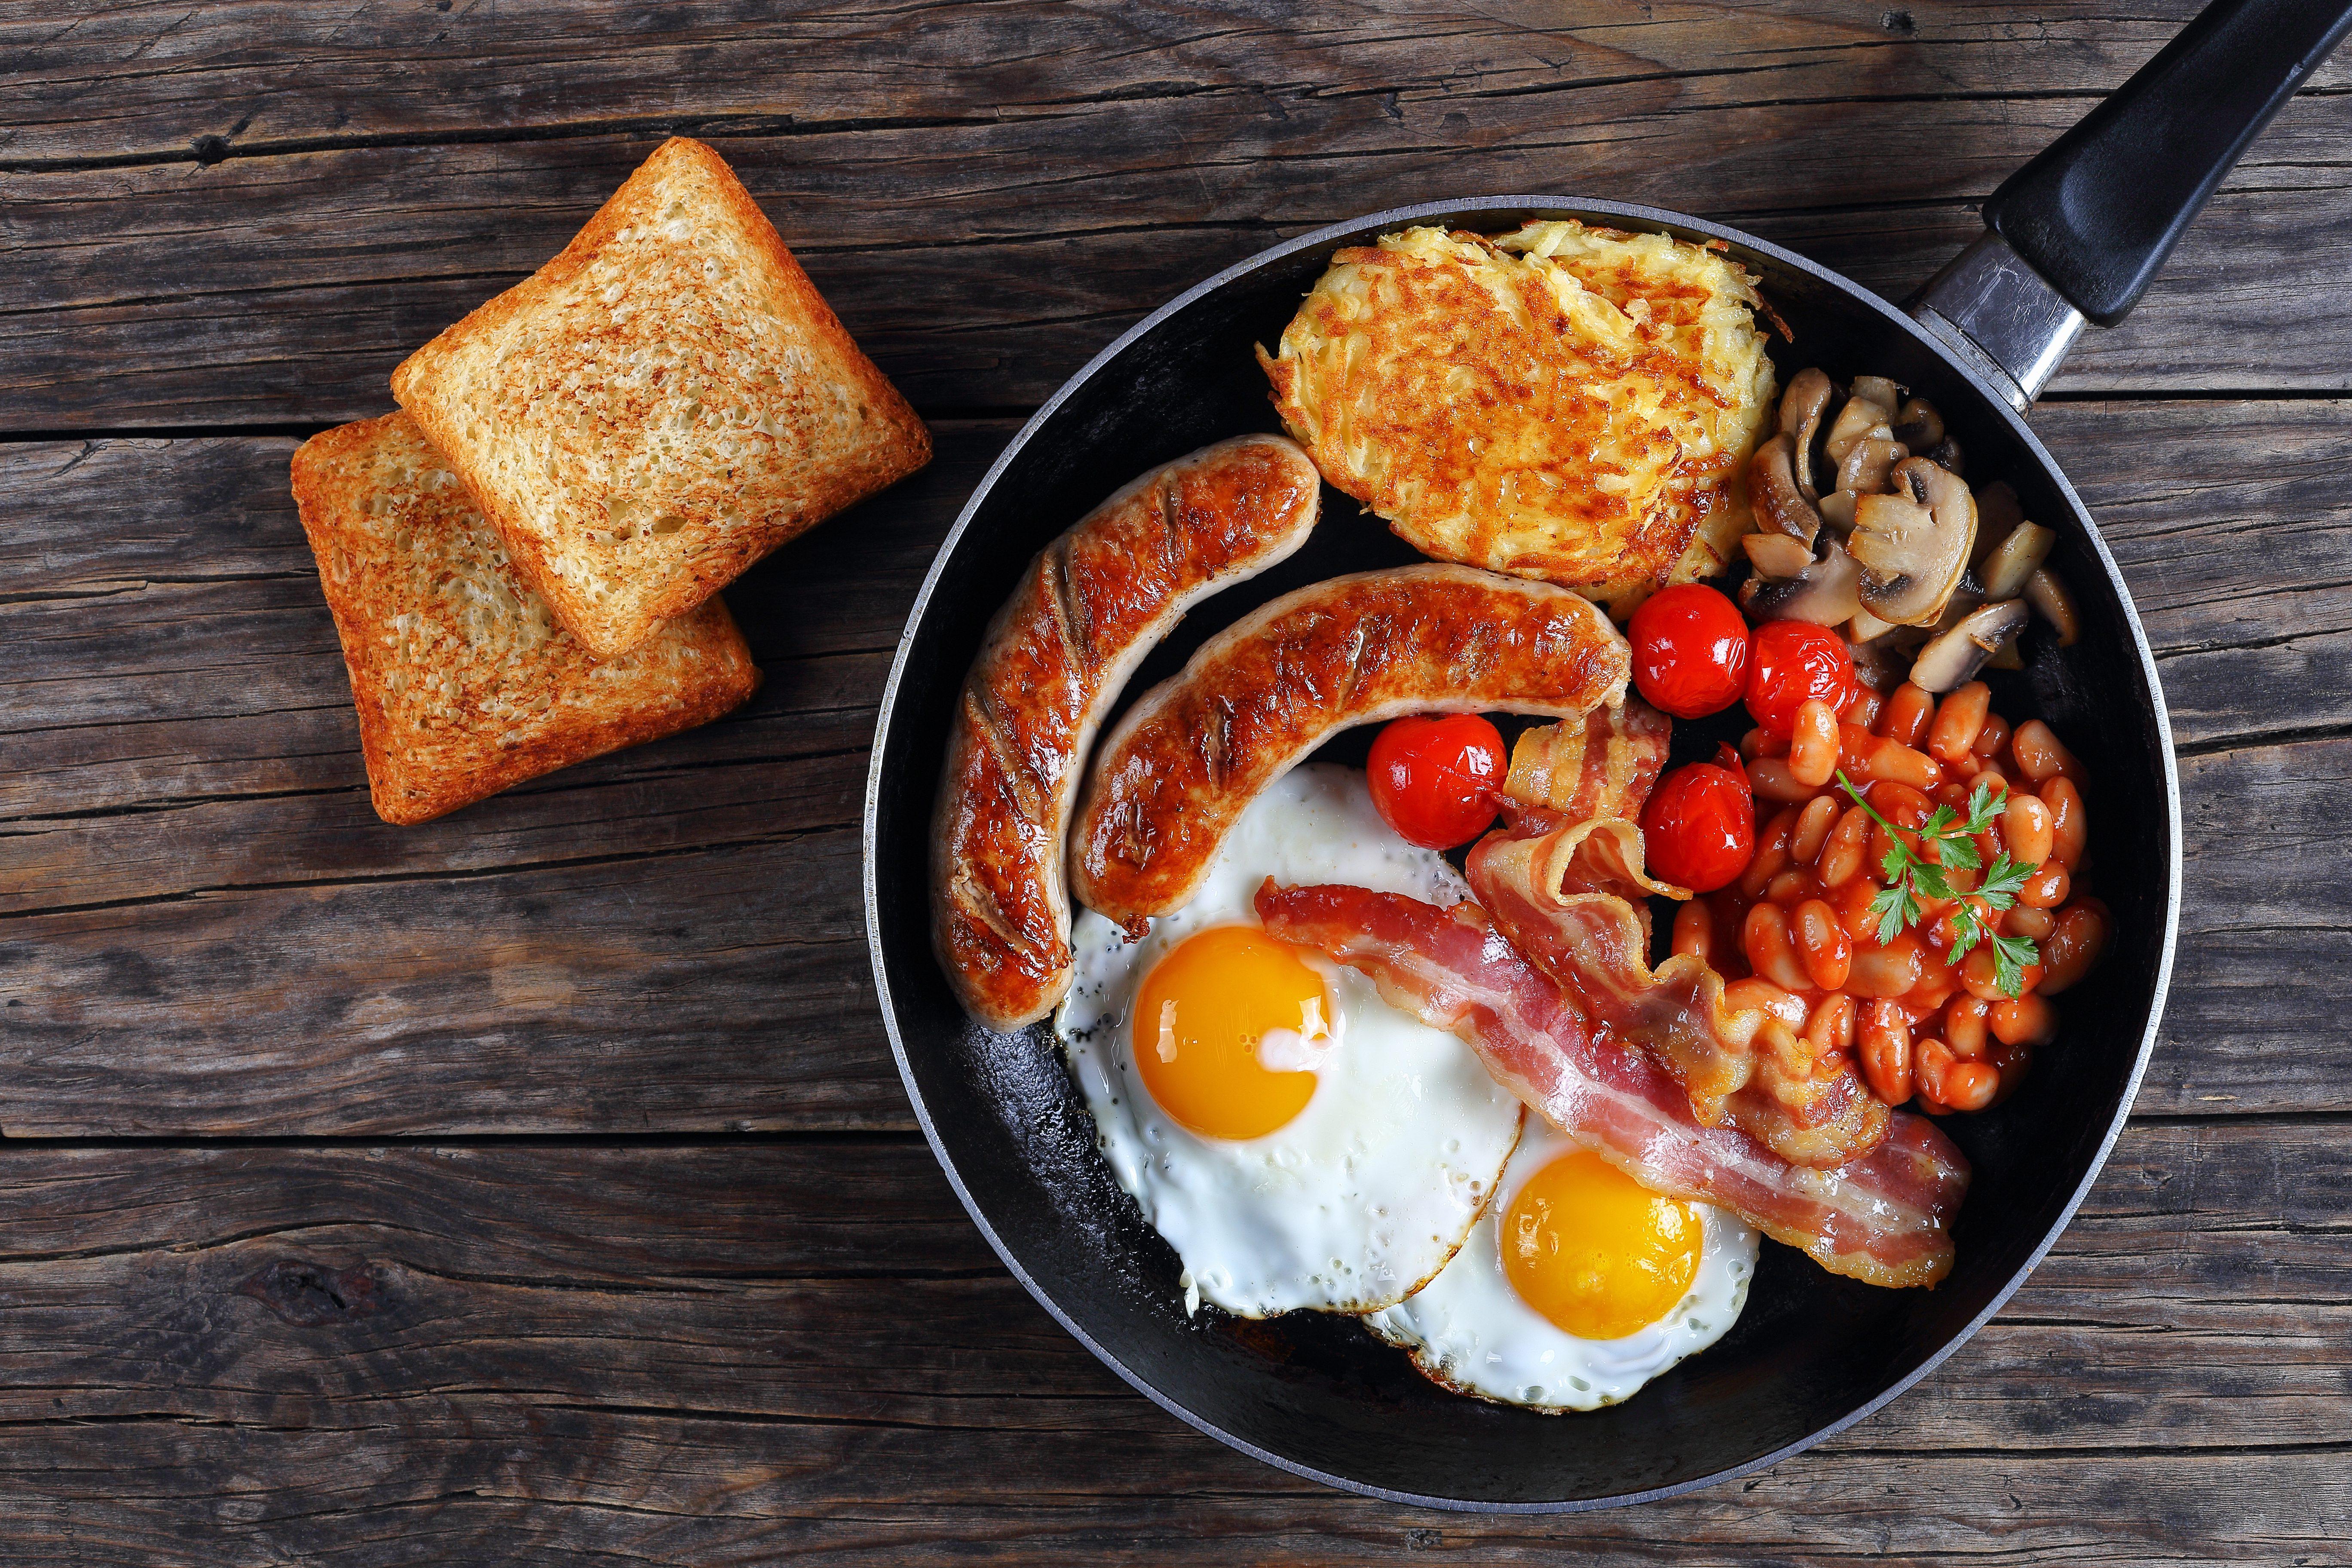 Piatti tipici inglesi: 10 specialità da assaggiare almeno una volta nella vita